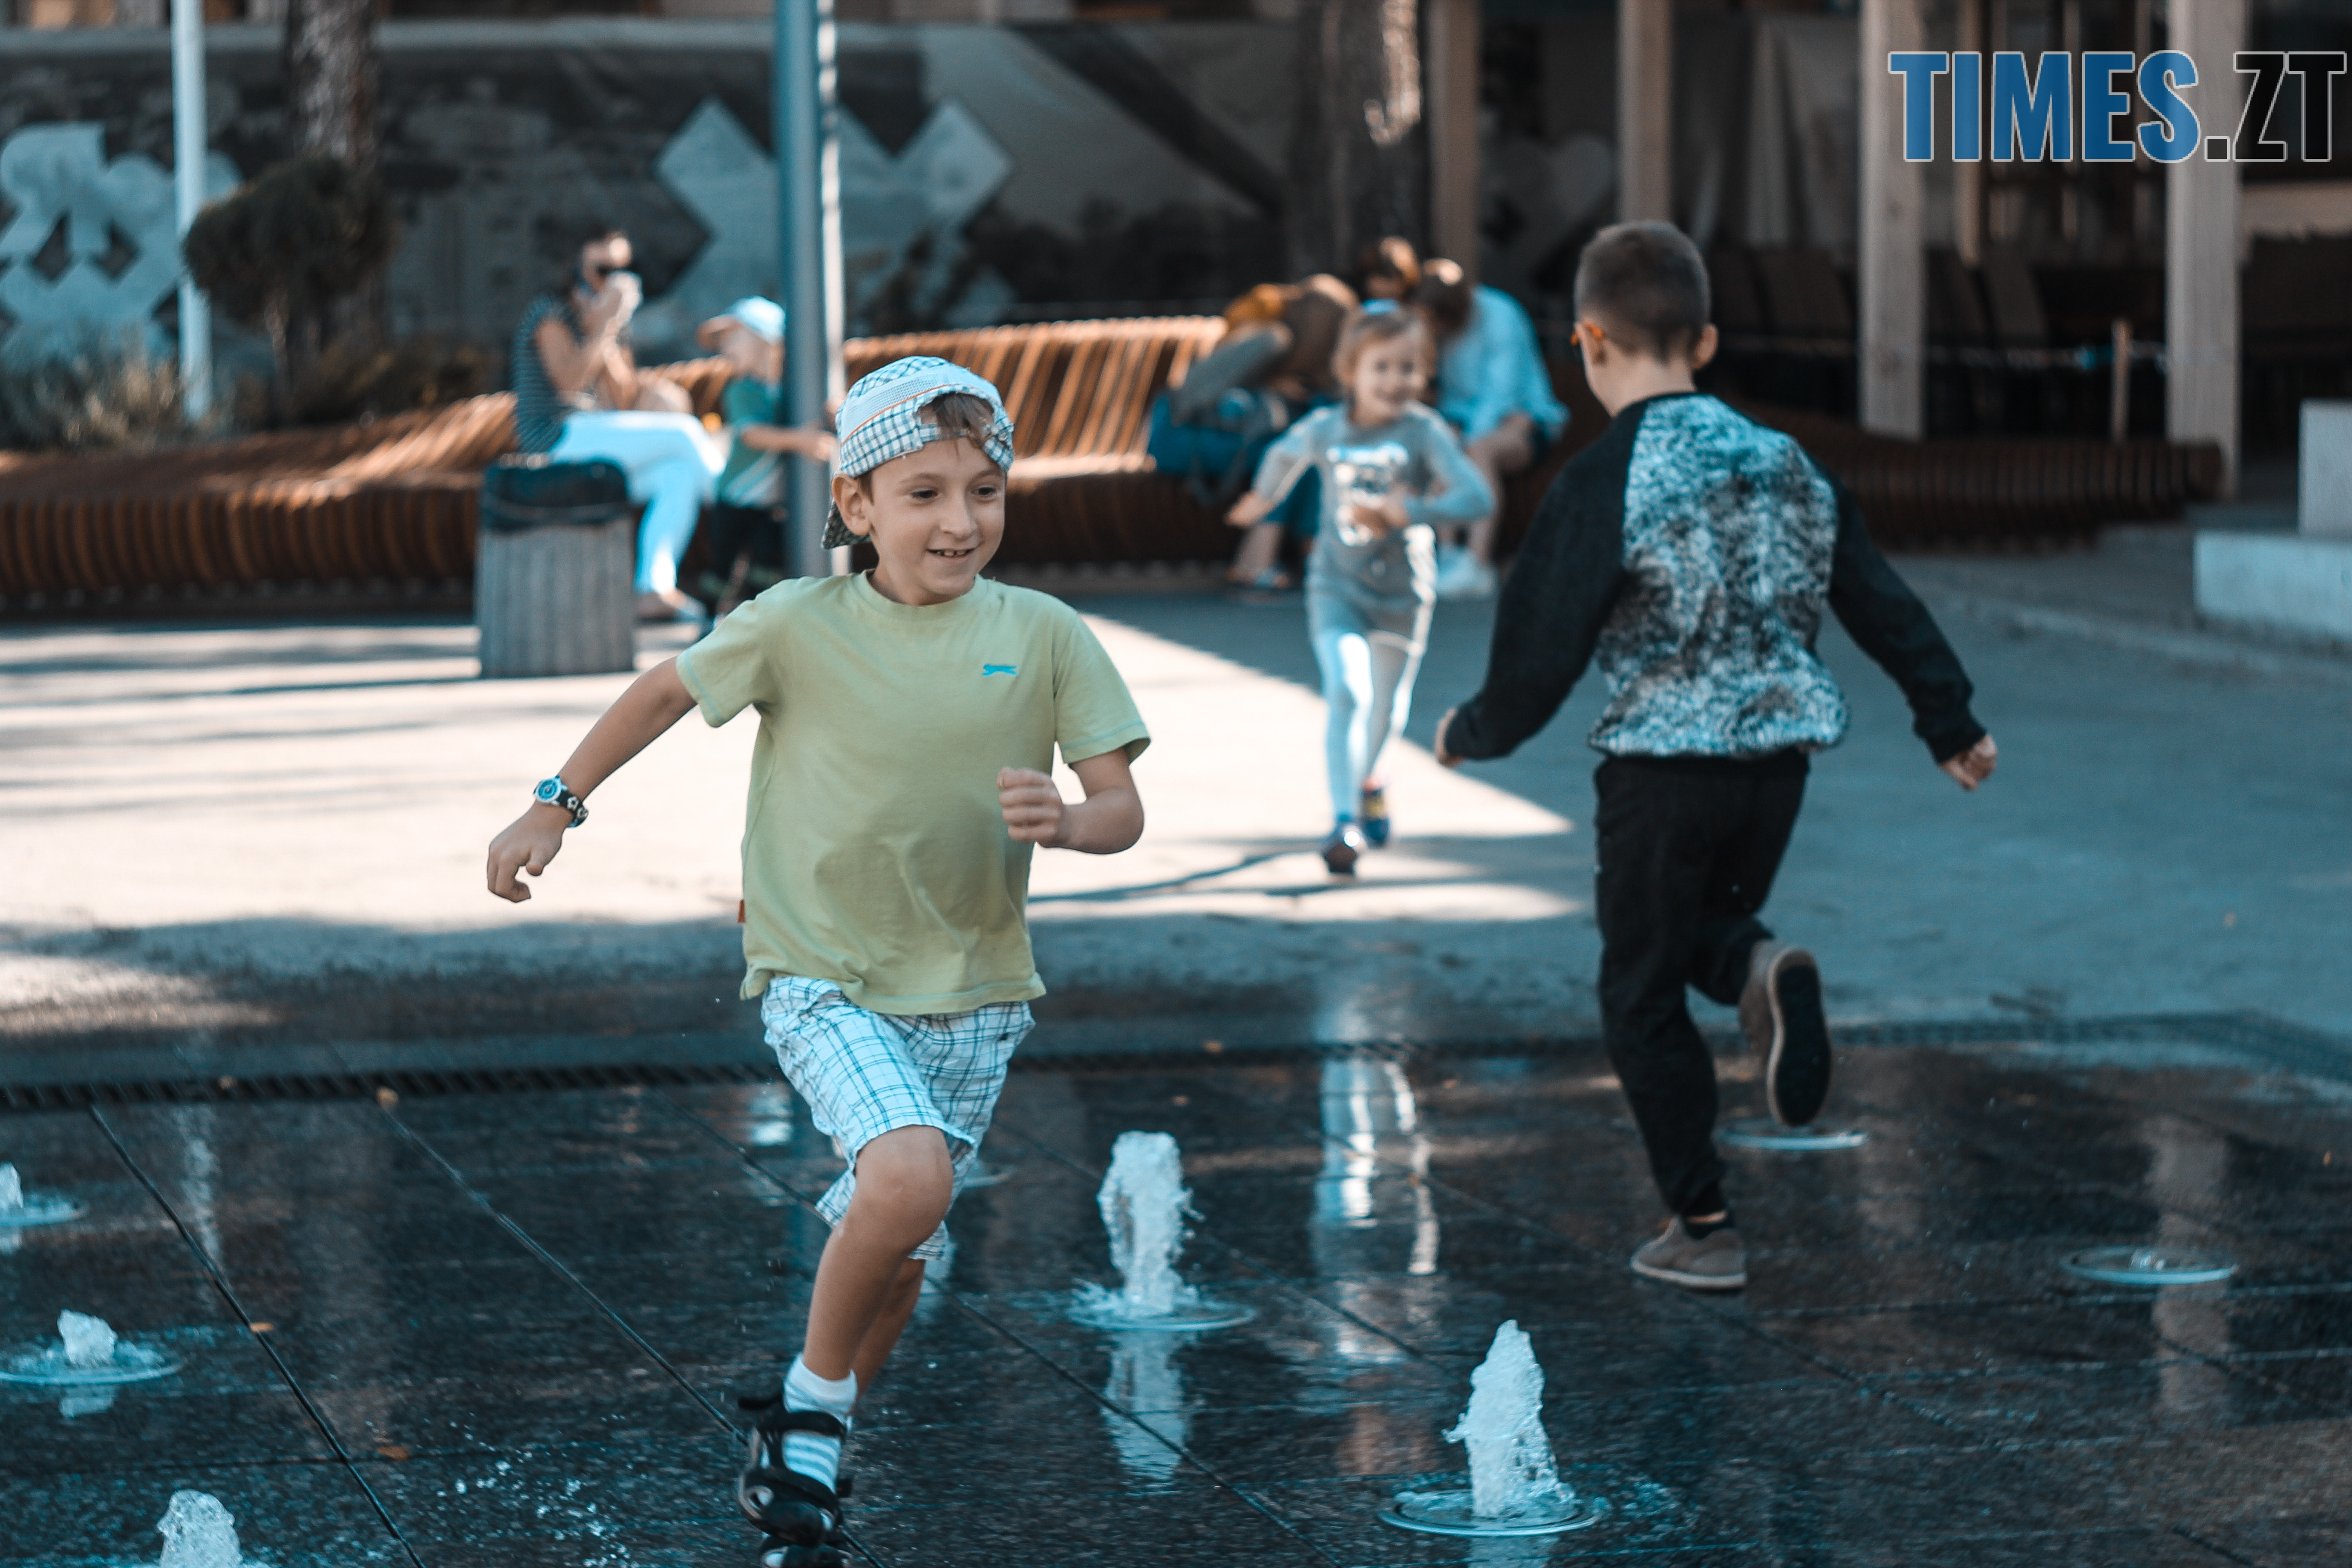 IMG 0660 - У Житомирі безпородні песики стали справжніми зірками, а їх породисті друзі – групою підтримки (ФОТОРЕПОРТАЖ)